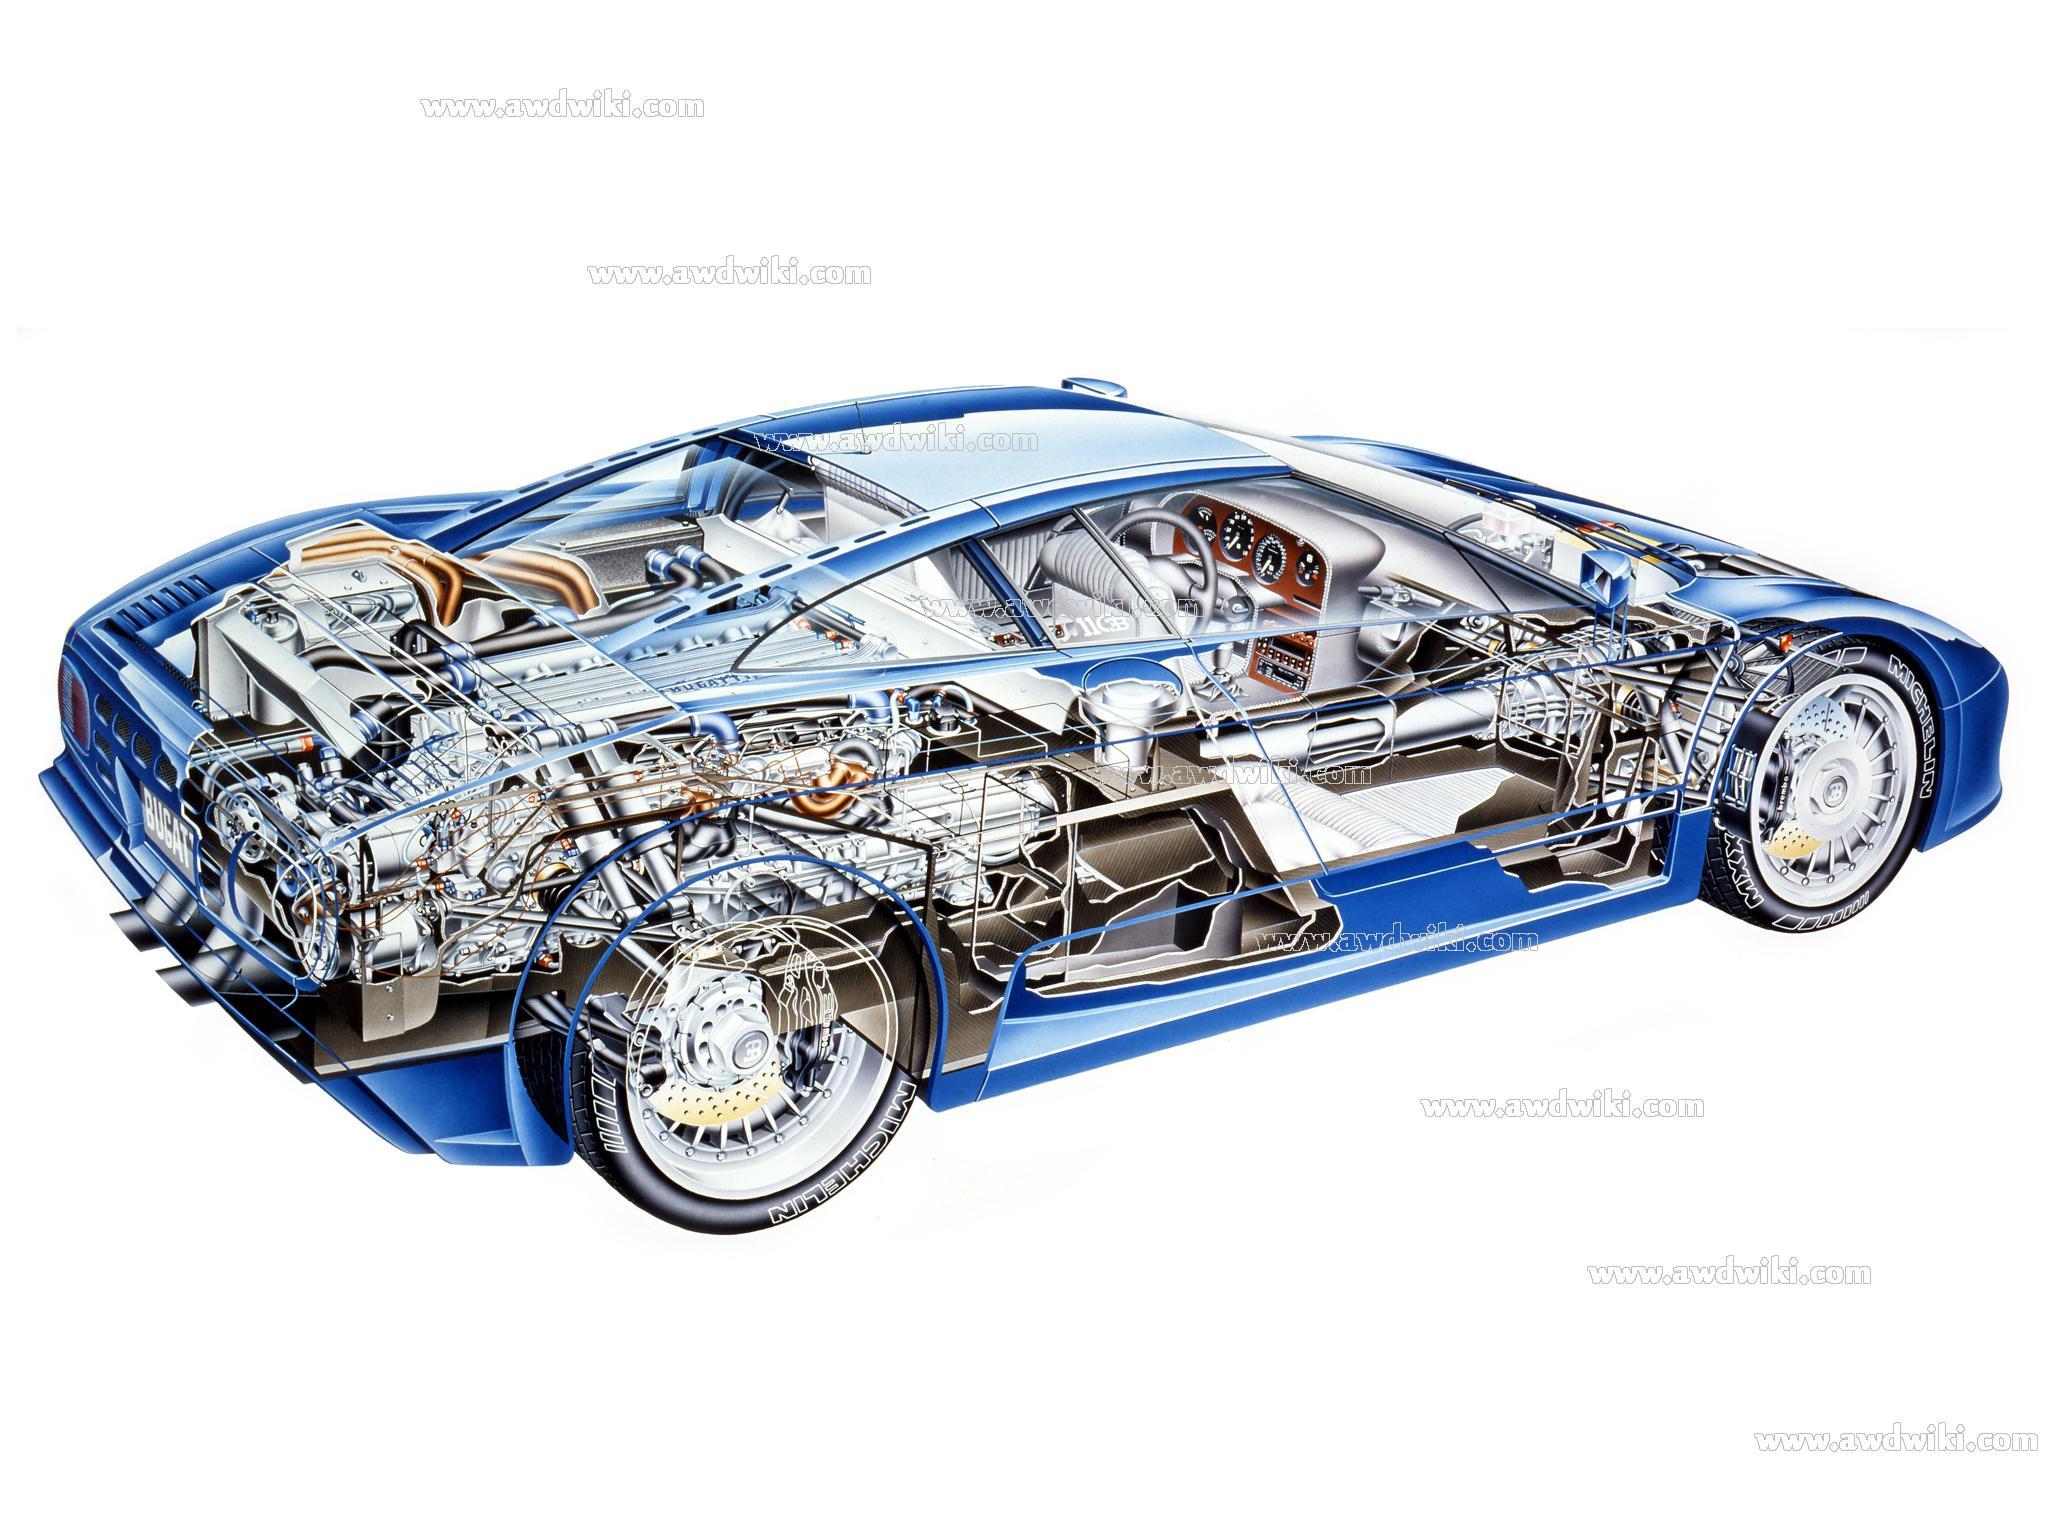 bugatti all wheel drive explained awd cars 4x4 vehicles 4wd trucks